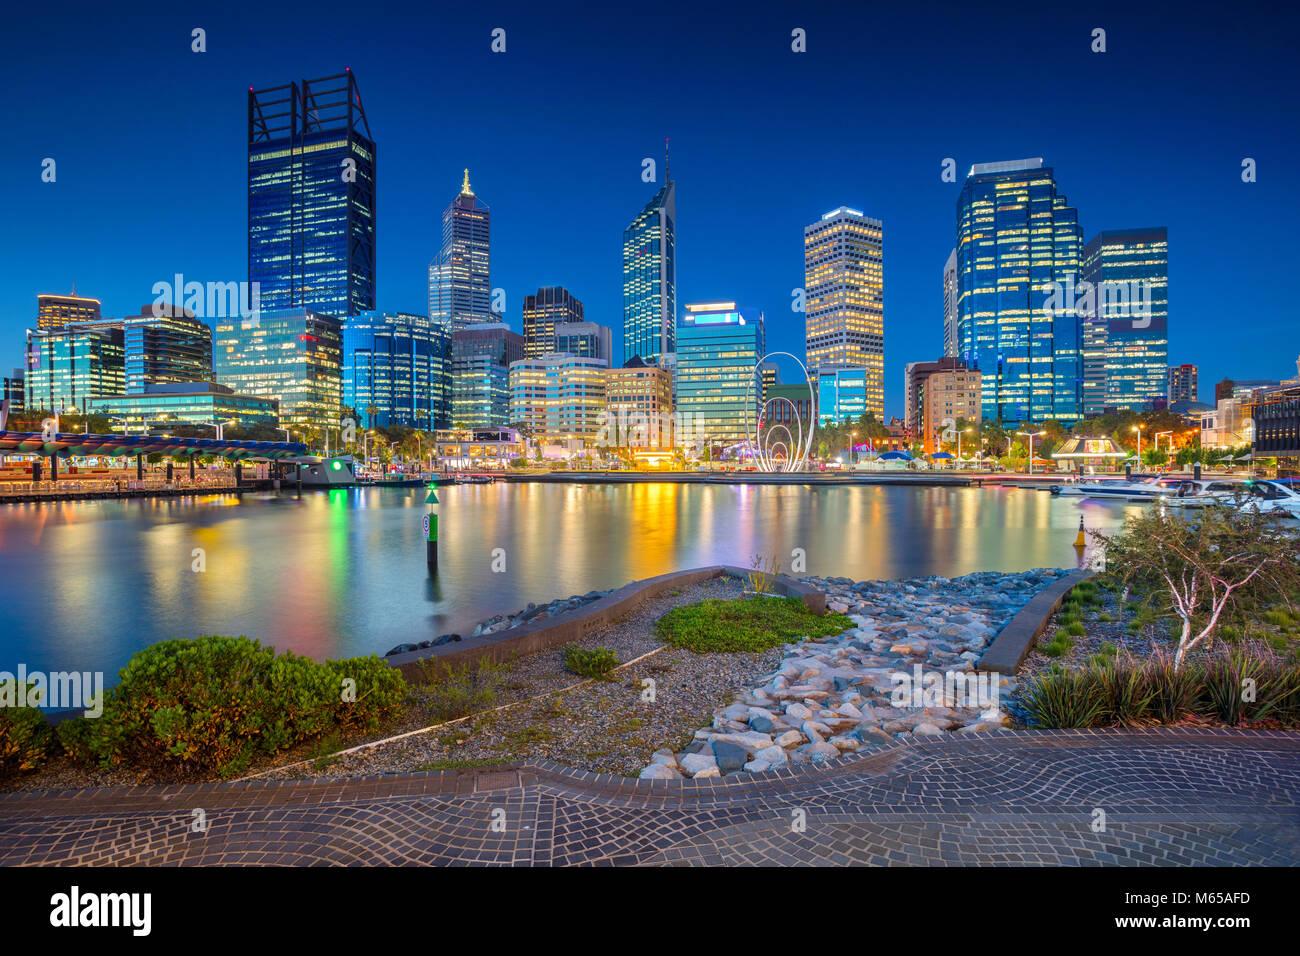 Perth. Imagen del paisaje urbano de la ciudad de Perth, Australia, durante la puesta de sol. Imagen De Stock